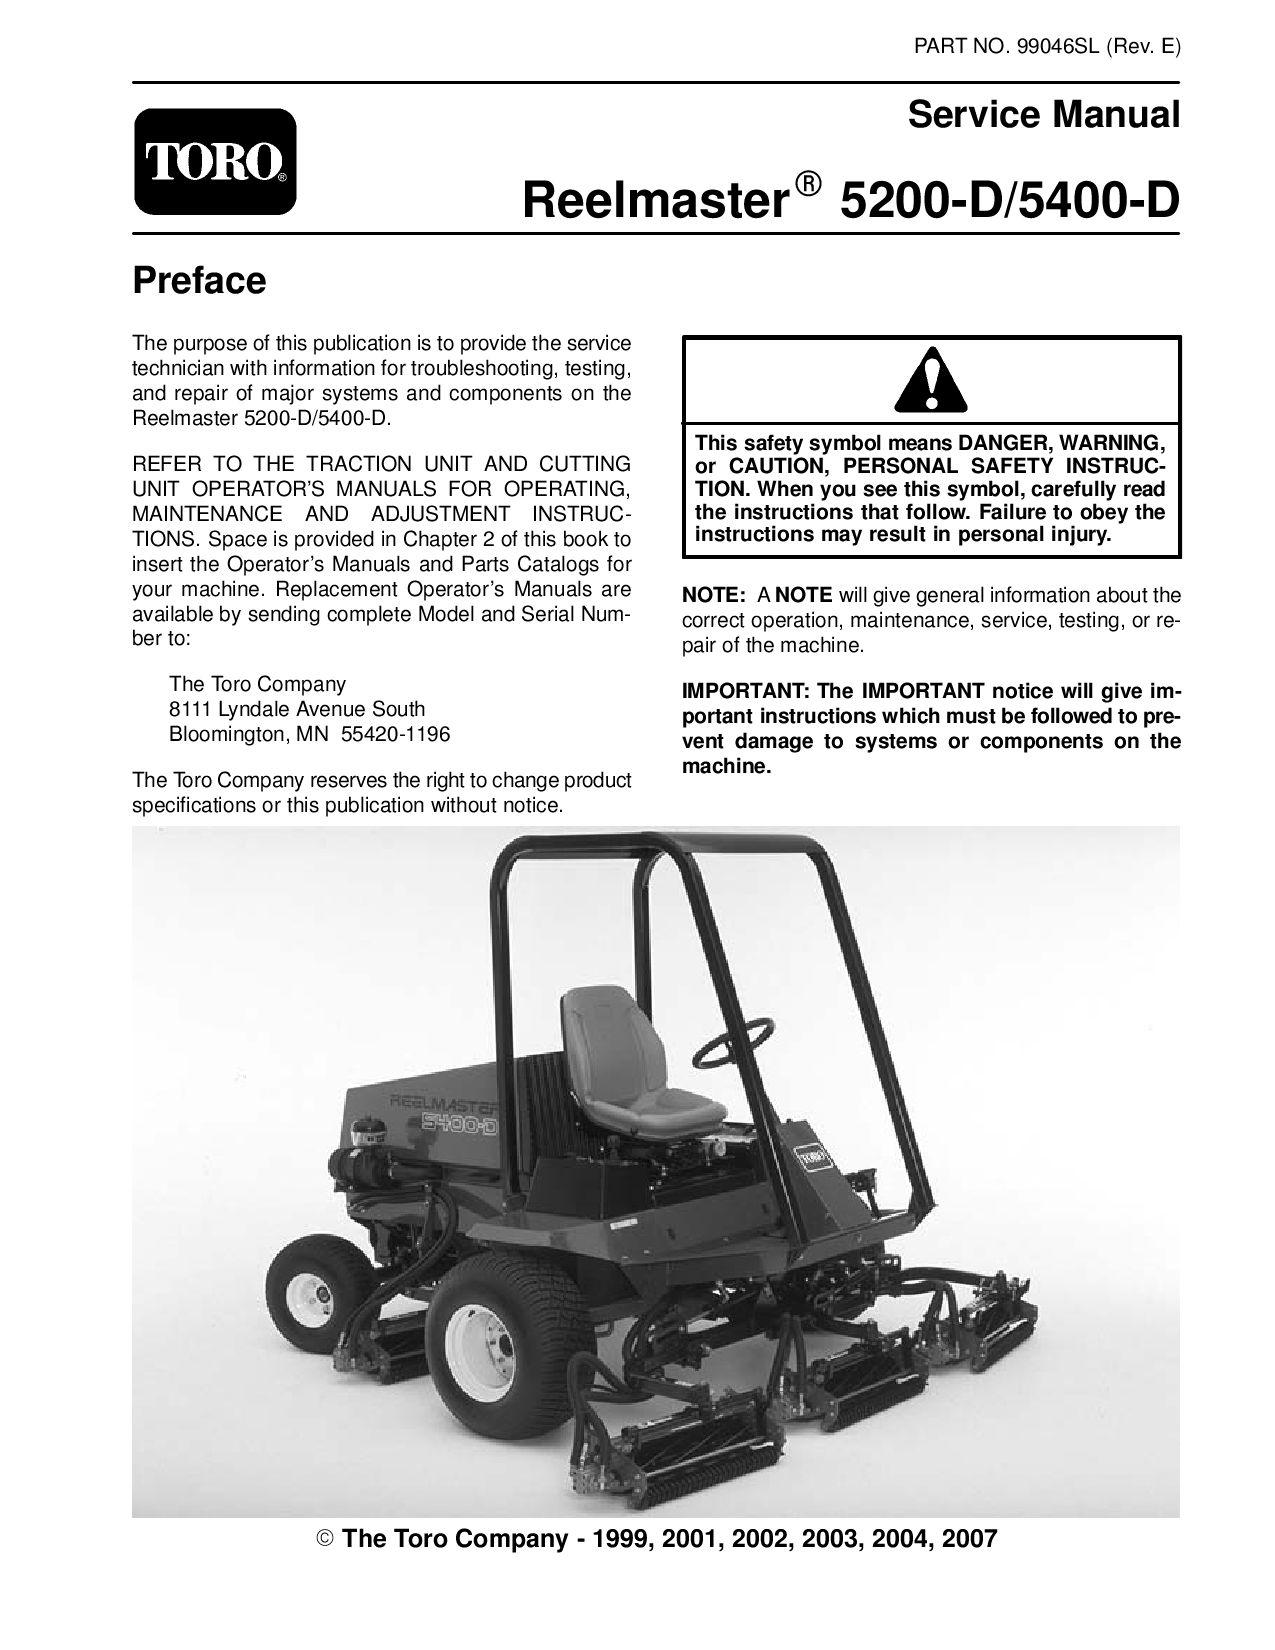 99046sl pdf Reelmaster 5200-D/5400-D (Rev E) Dec, 2007 by